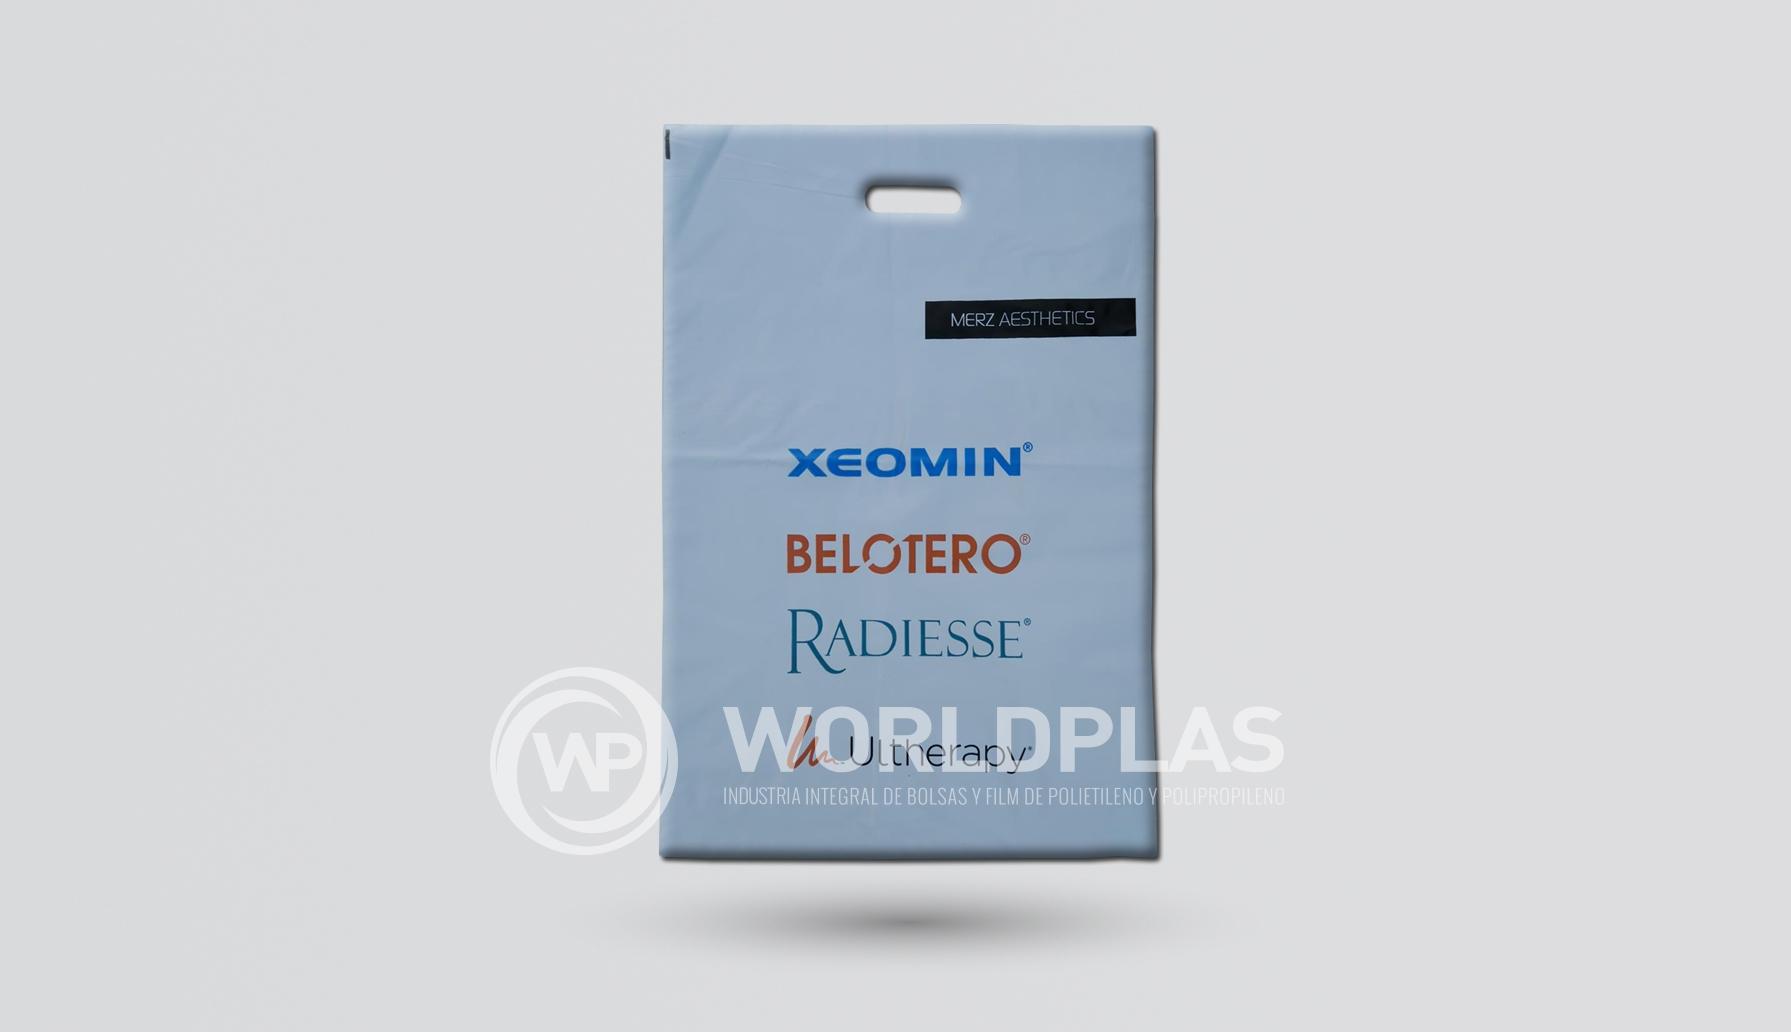 Worldplas